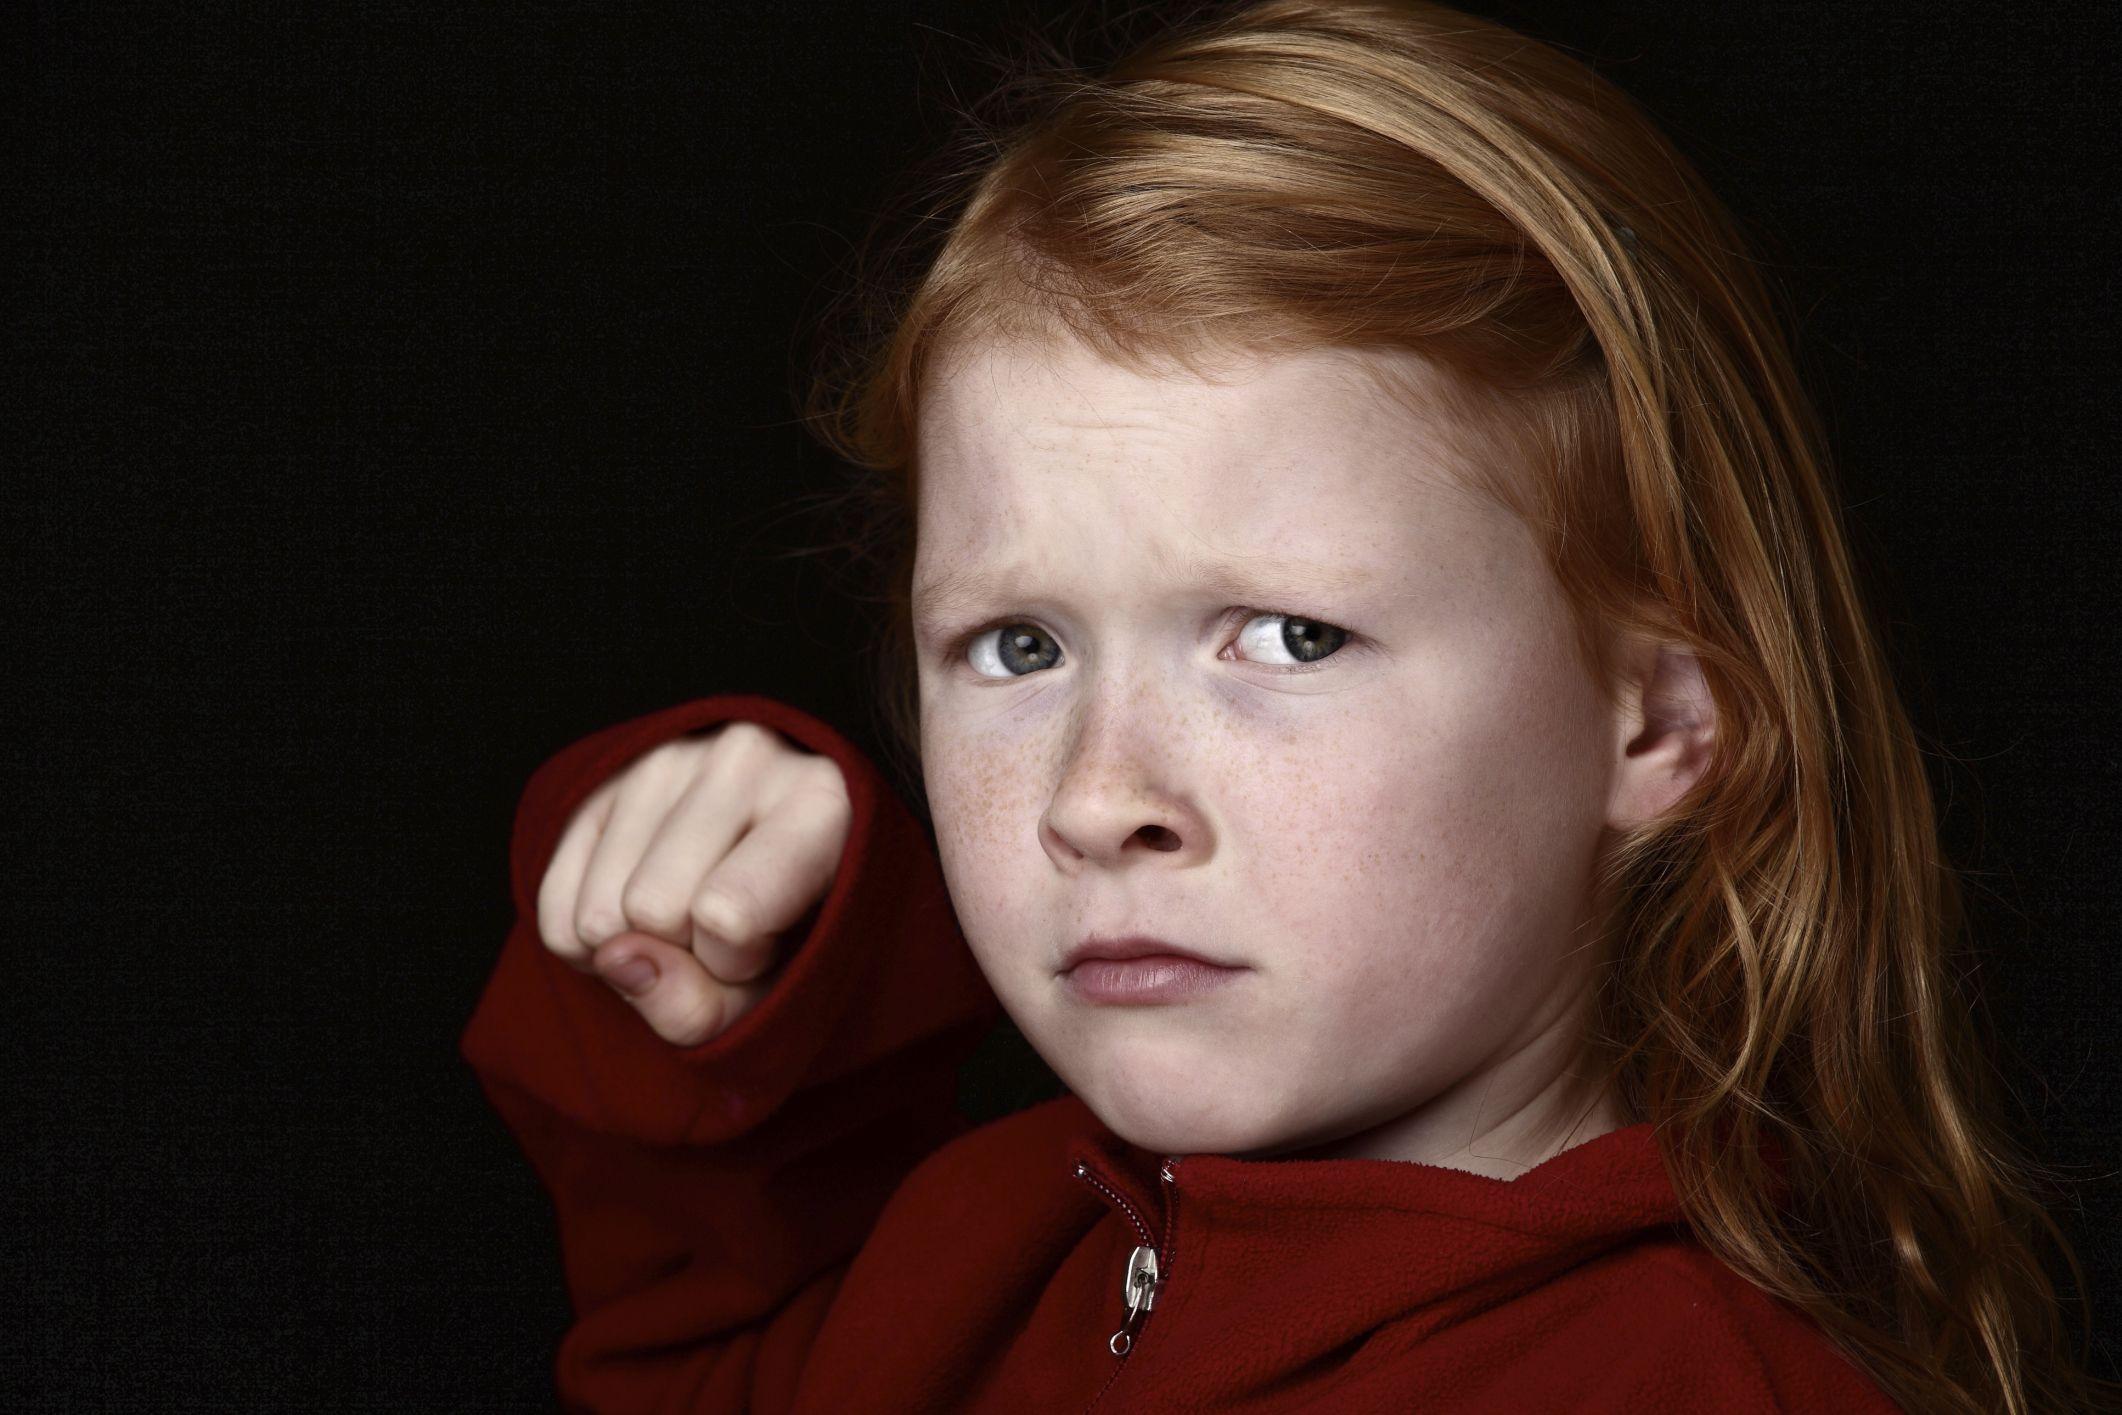 Wenn Kinder hauen   Jedes sechste bis achte Kind verhält sich überdurchschnittlich aggressiv. Für Eltern bedeutet es Alarmstufe rot, wenn ihr Kind im Kindergarten kratzt, schlägt oder beißt. Lesen Sie hier, wie Sie Ihrem kleinen Grobian helfen können.